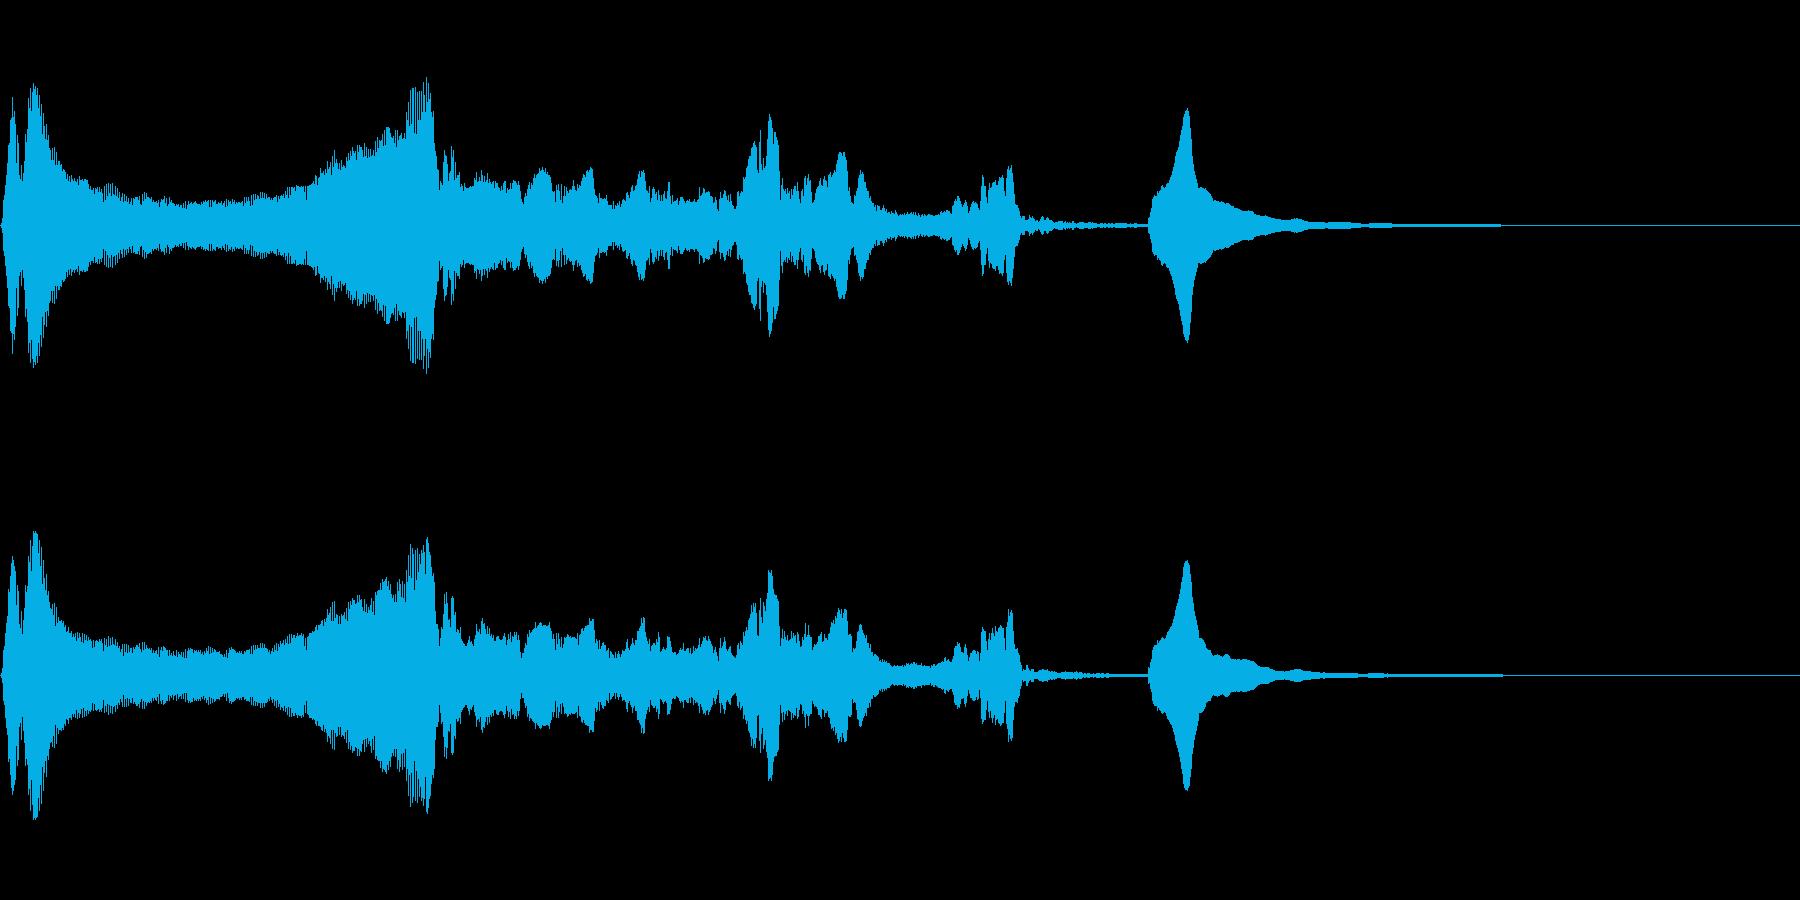 失敗、残念な描写に会うバイオリンの再生済みの波形